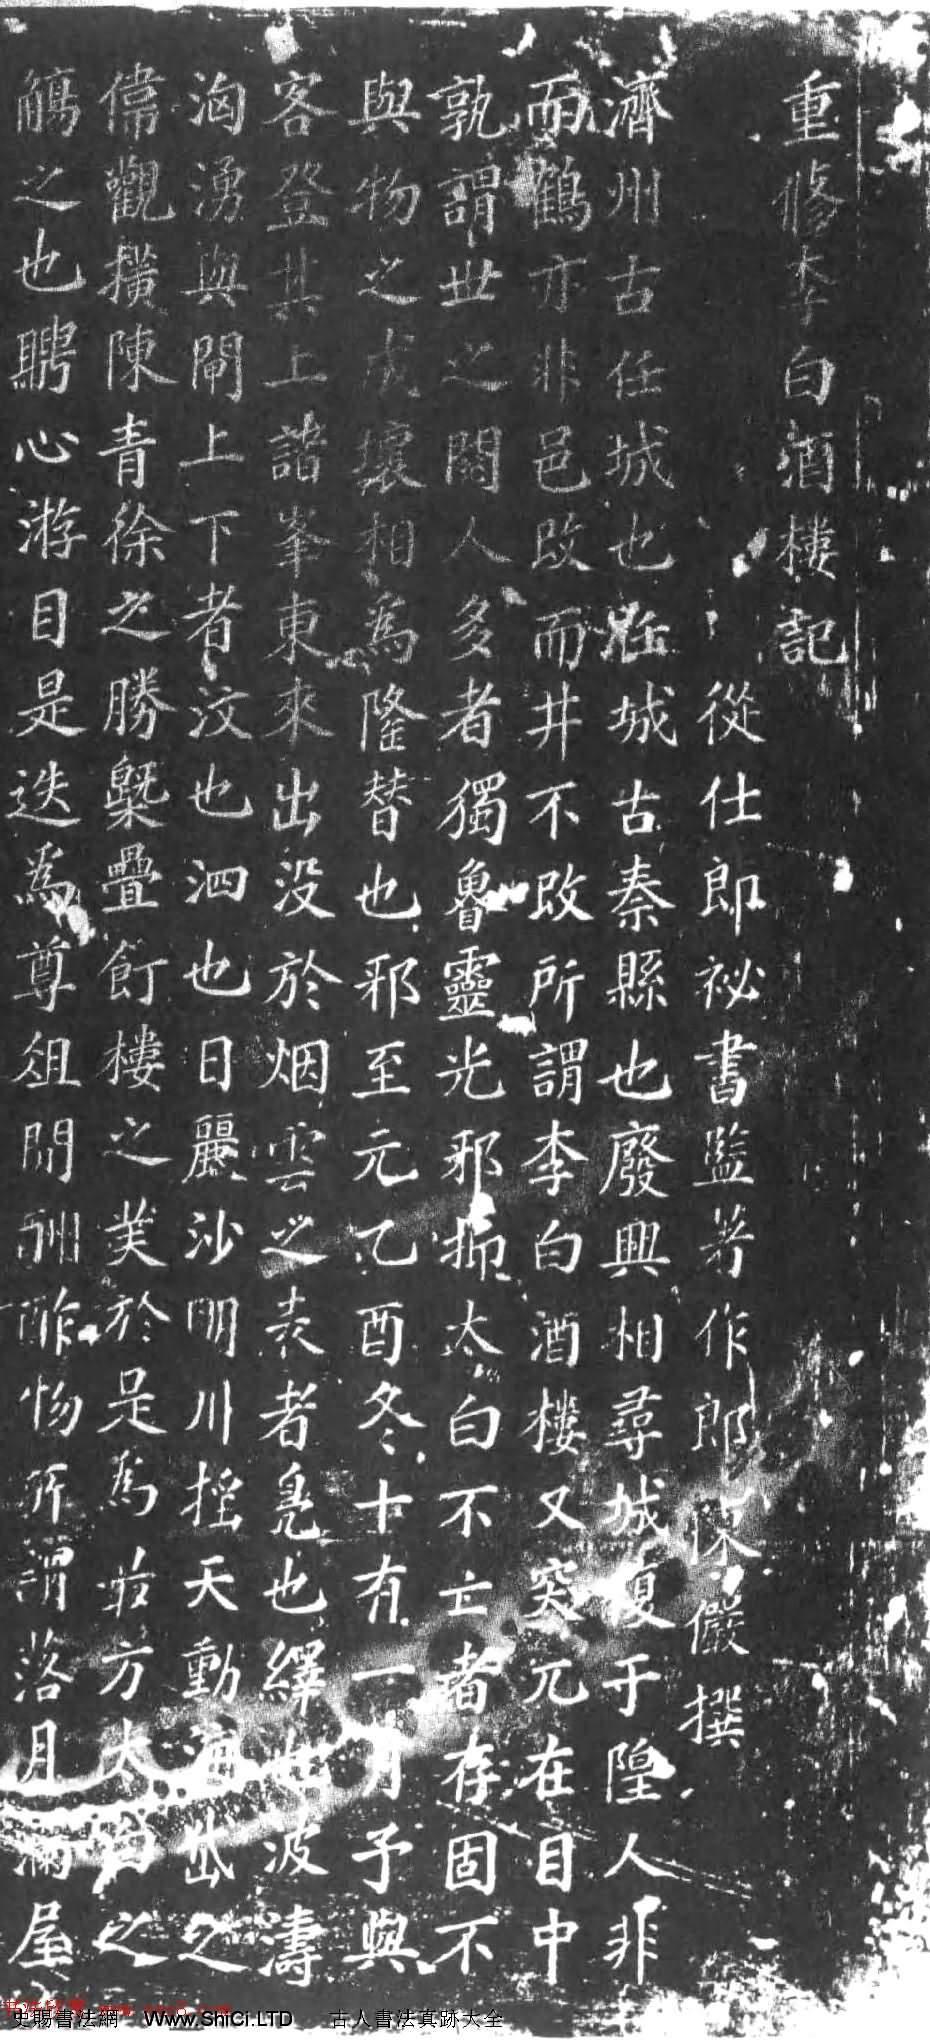 元翰林學士陳儼撰文《重修李白酒樓記》